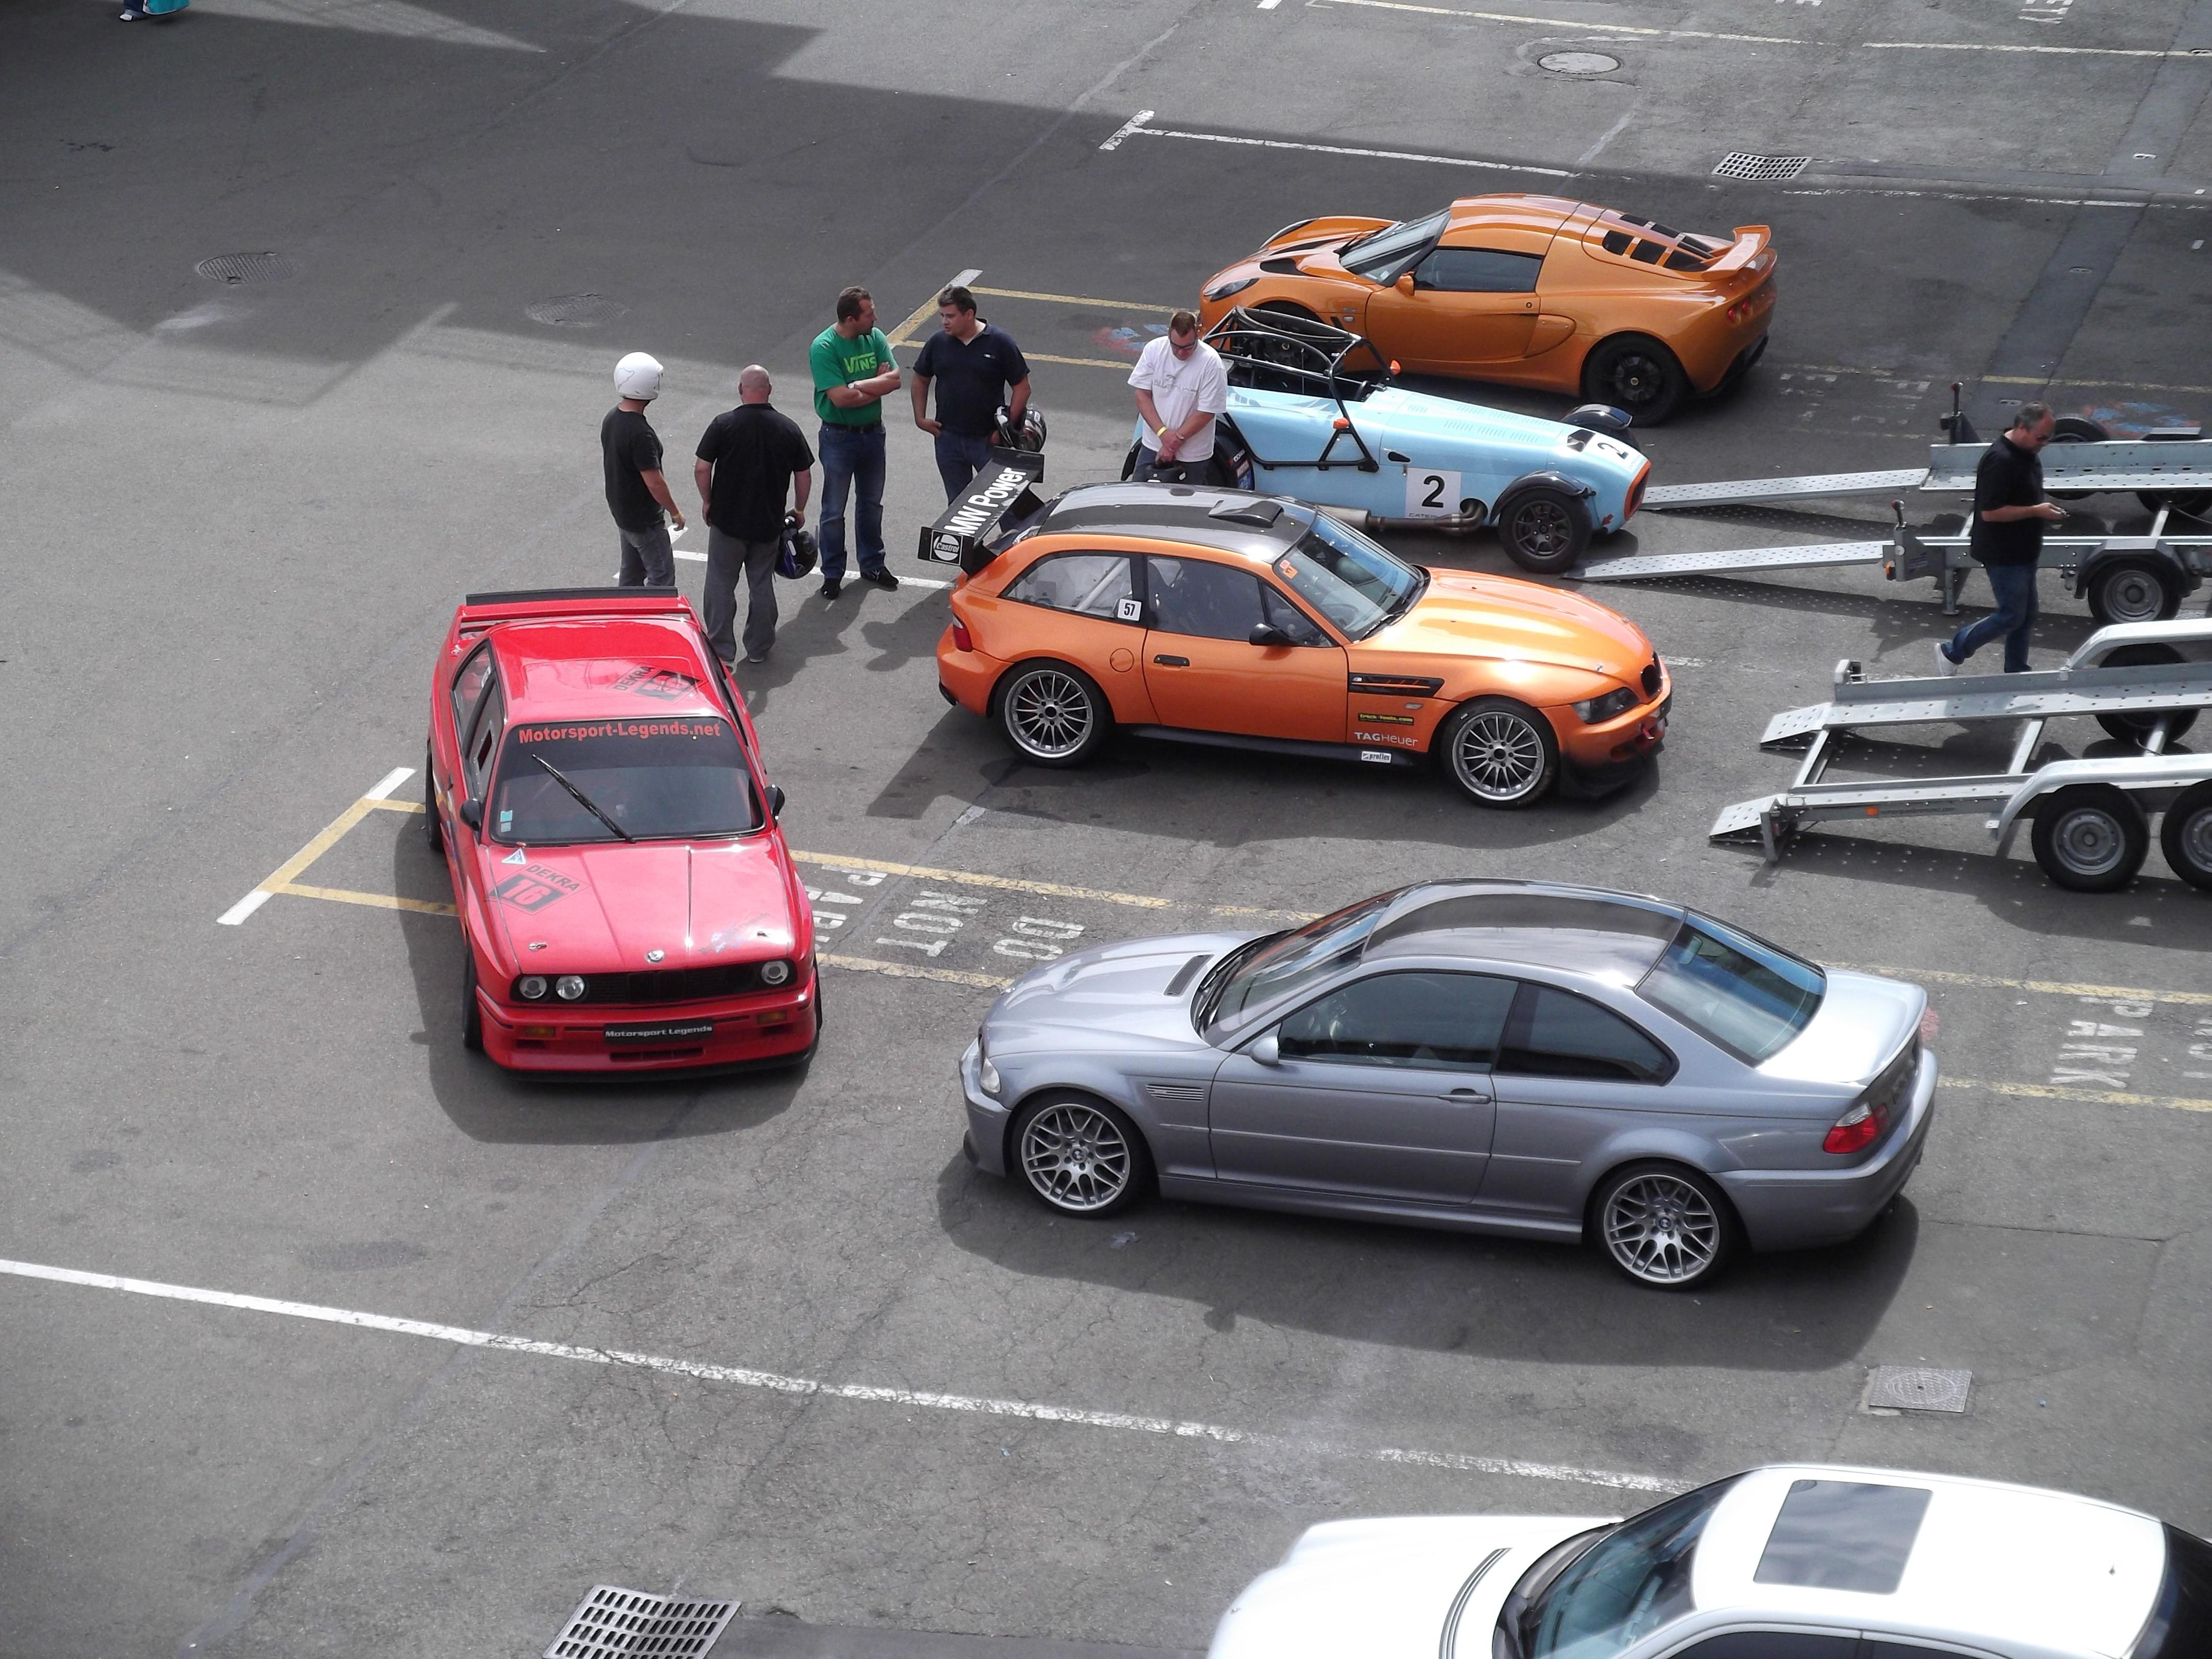 CR de la journée sur le Bugatti organisé par Bride Zero le 8/09/13 S48p